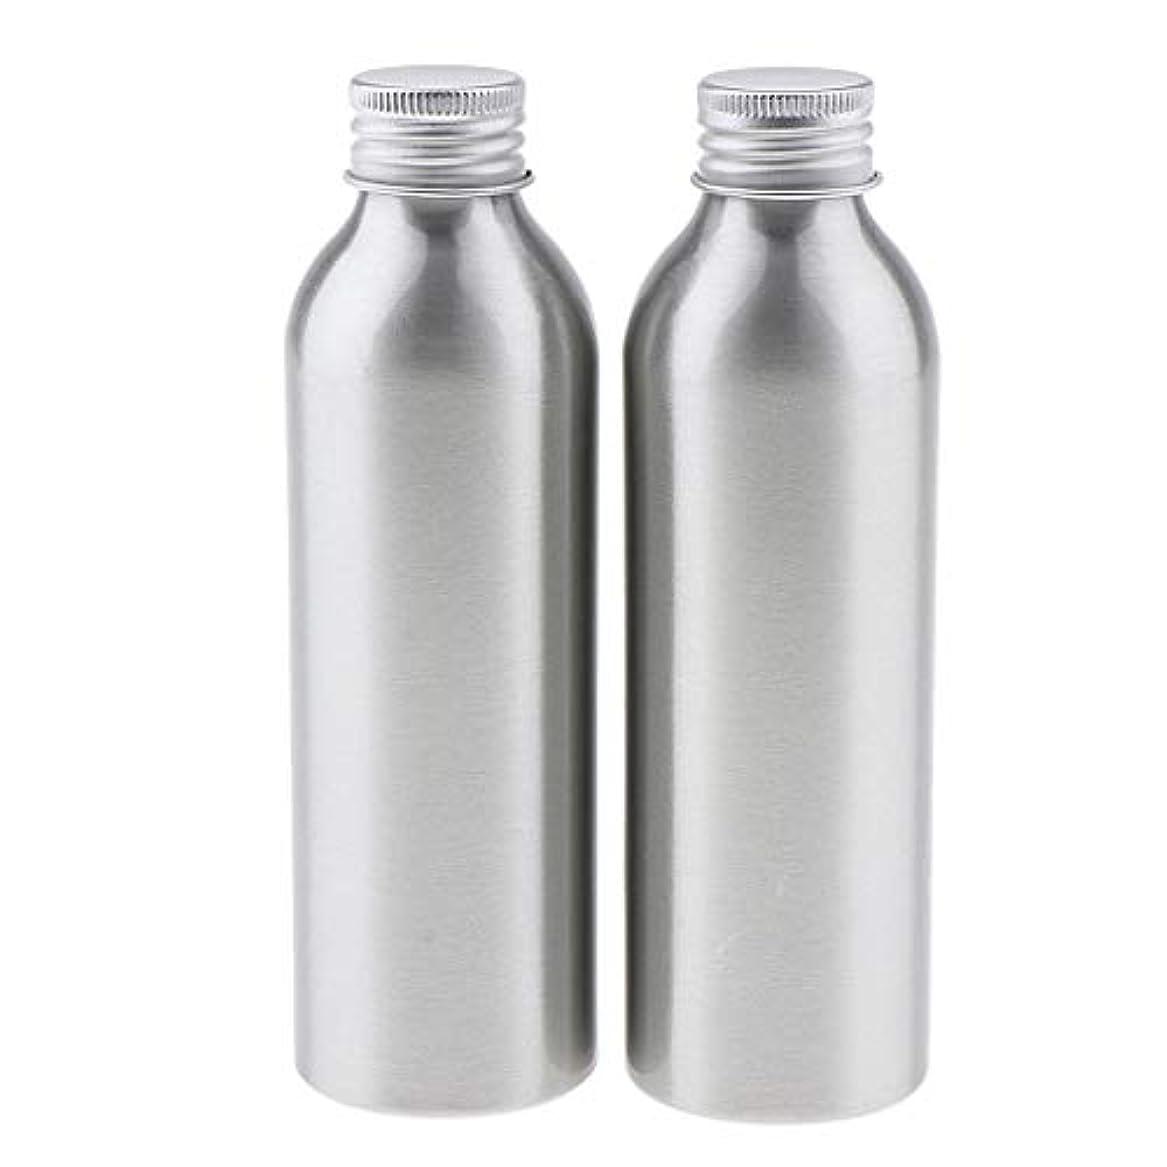 状木製失効2本 アルミボトル 空容器 化粧品収納容器 ディスペンサーボトル シルバー 全5サイズ - 150ml